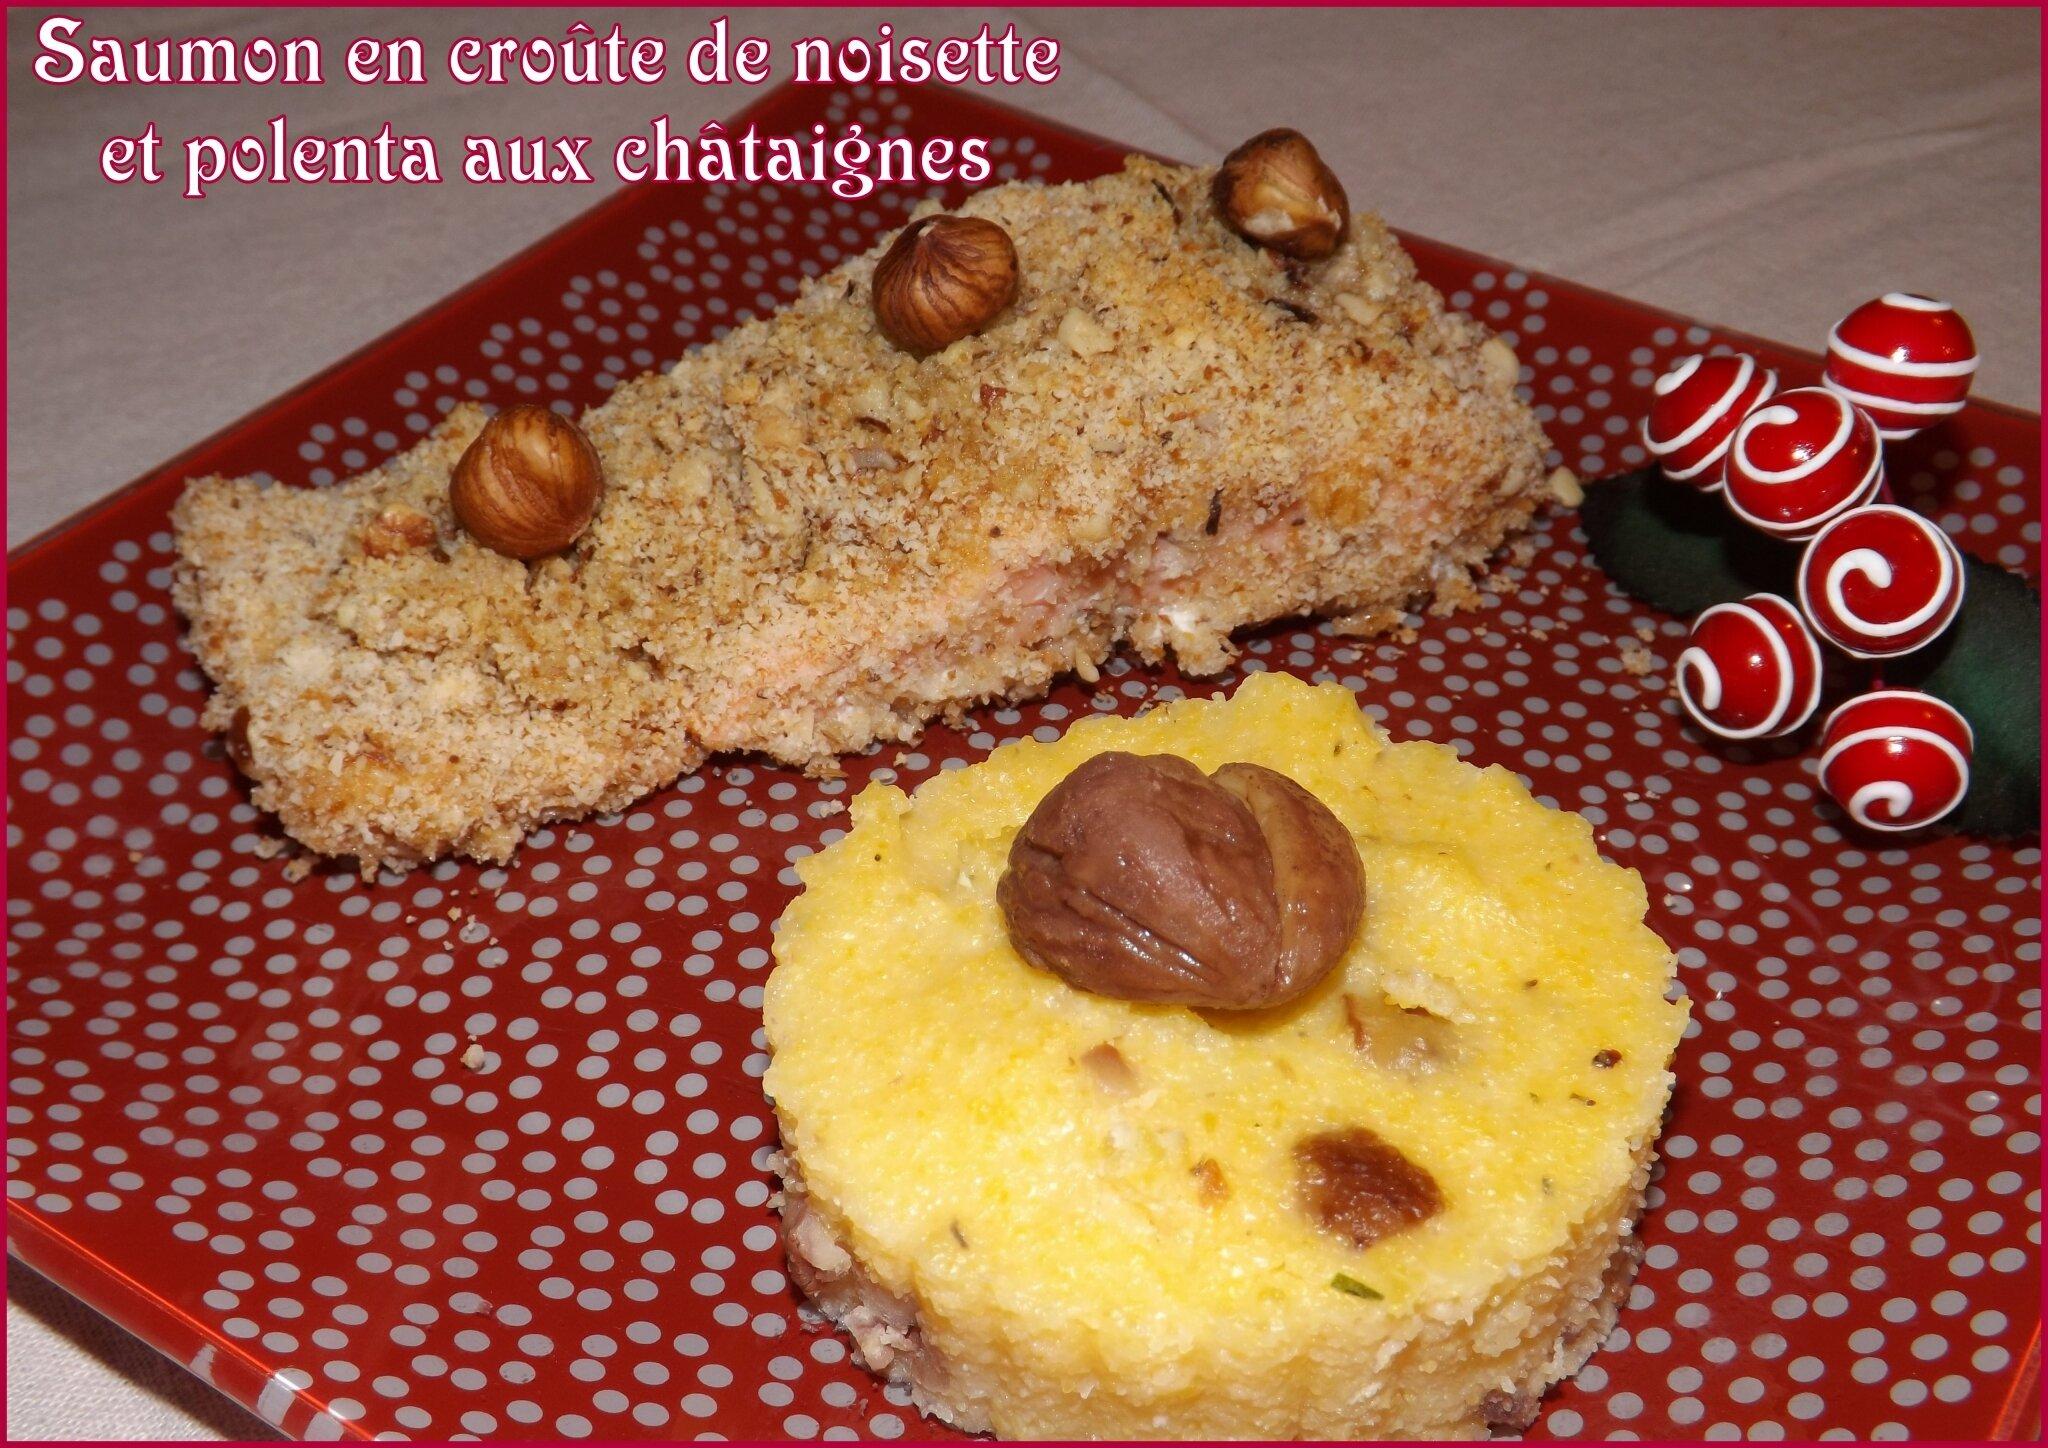 Pavé de Saumon avec croûte de Noisettes & Polenta aux Châtaignes